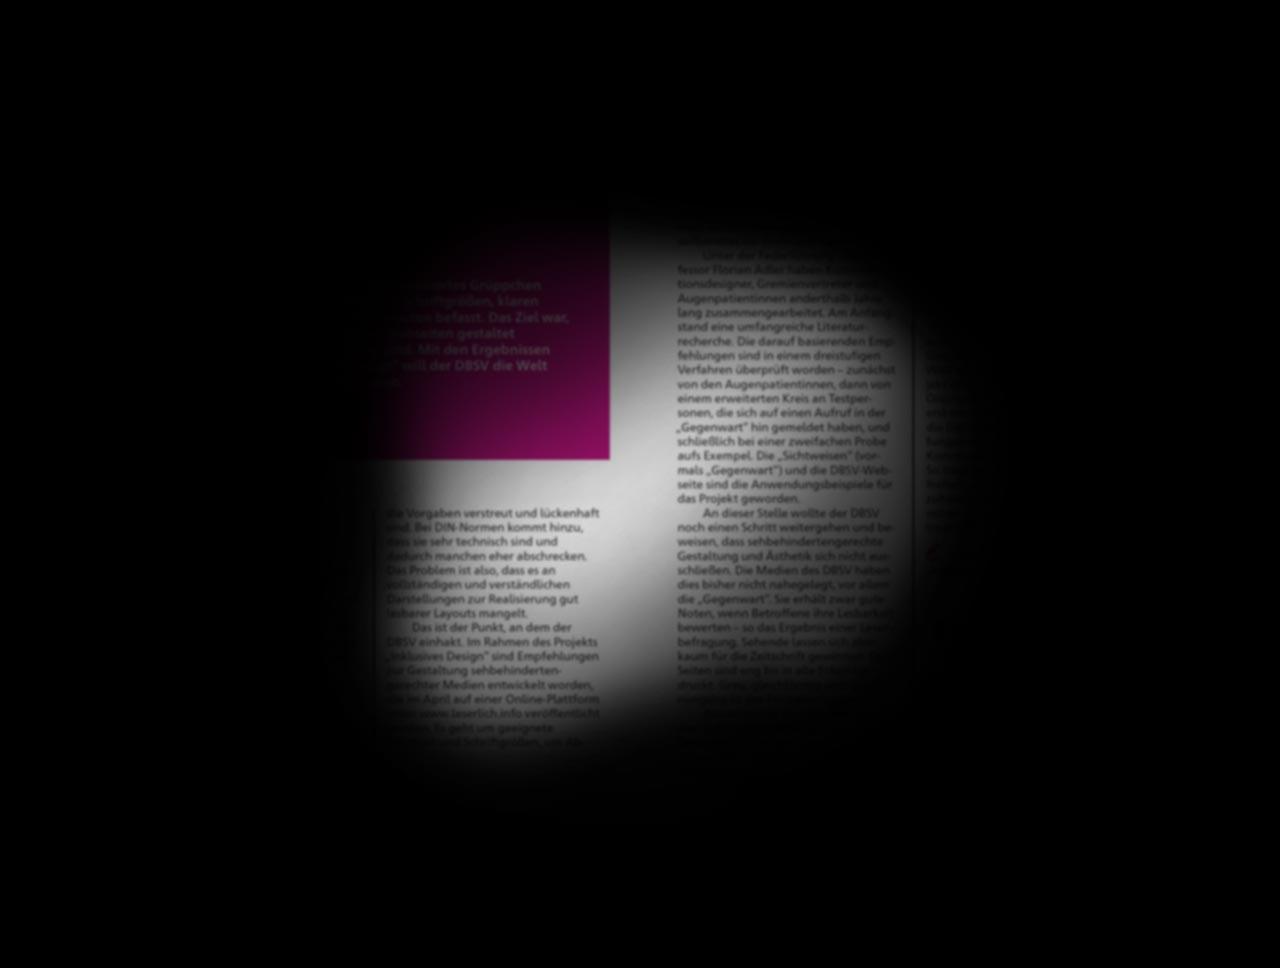 Eine Doppelseite der Zeitschrift »Sichtweisen«. Der größte Teil ist schwarz abgedeckt, nur in der Mitte wird durch eine rundliche Form circa ein Drittel der Doppelseite freigegeben. Der sichtbare Teil ist leicht unscharf.